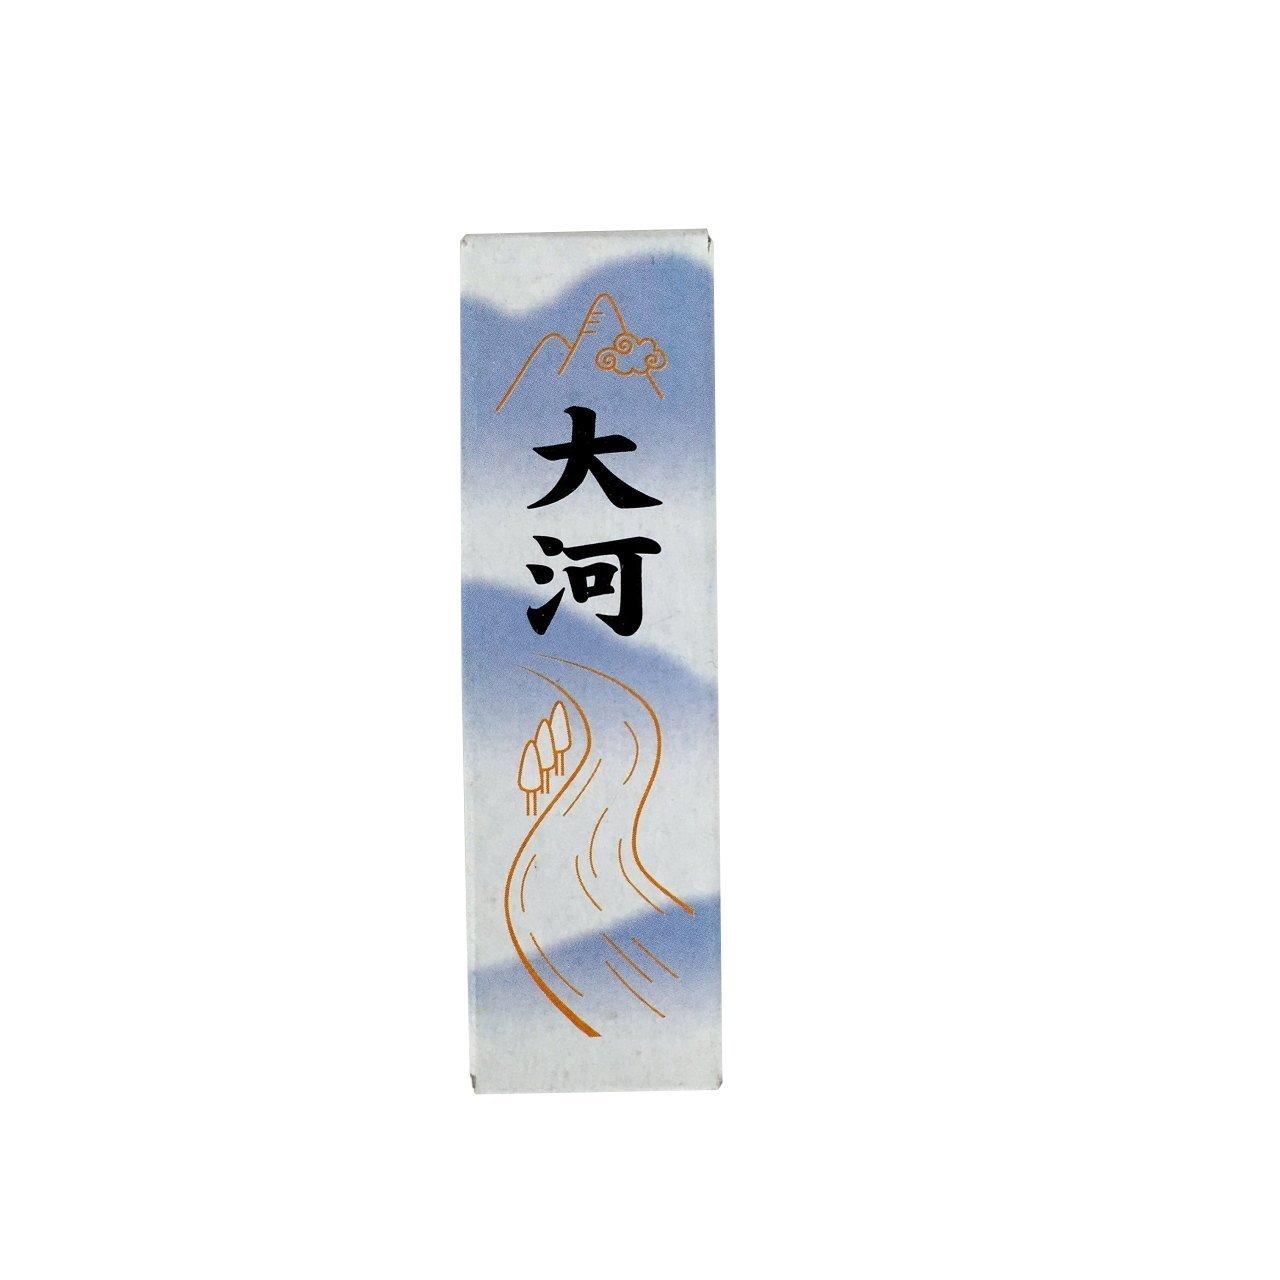 Taiga Or Da He Japanese Shodo Calligraphy Black